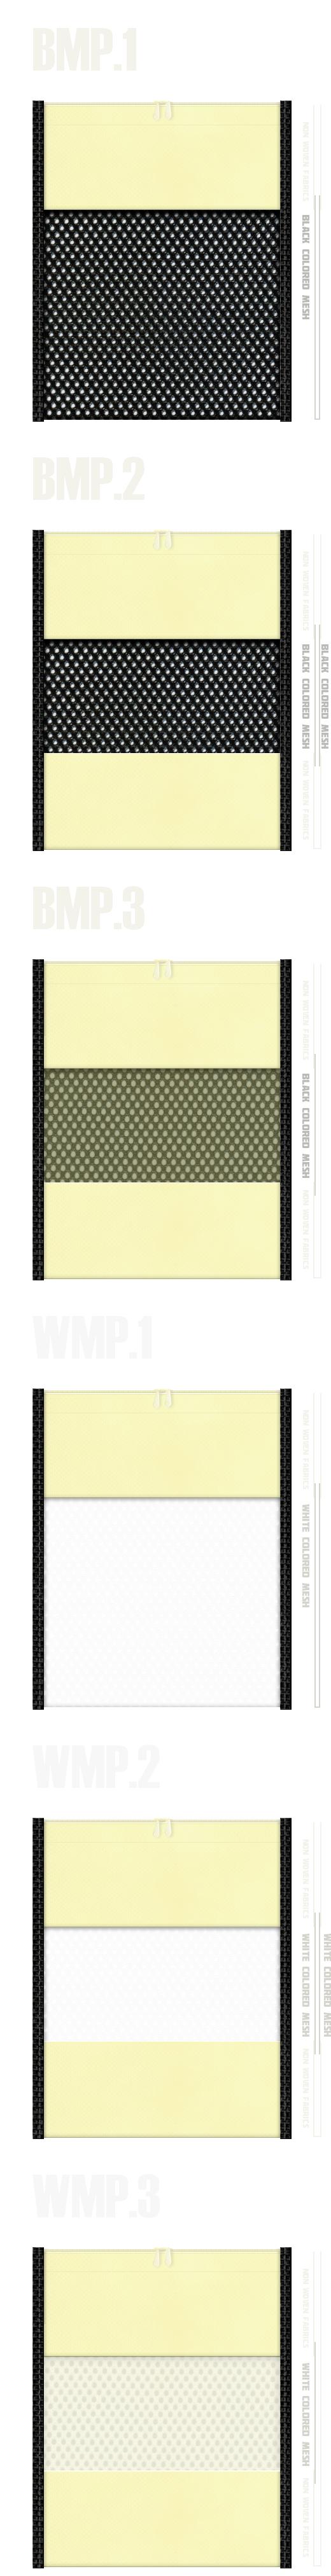 メッシュポーチのカラーシミュレーション:黒色・白色メッシュと薄黄色不織布の組み合わせ